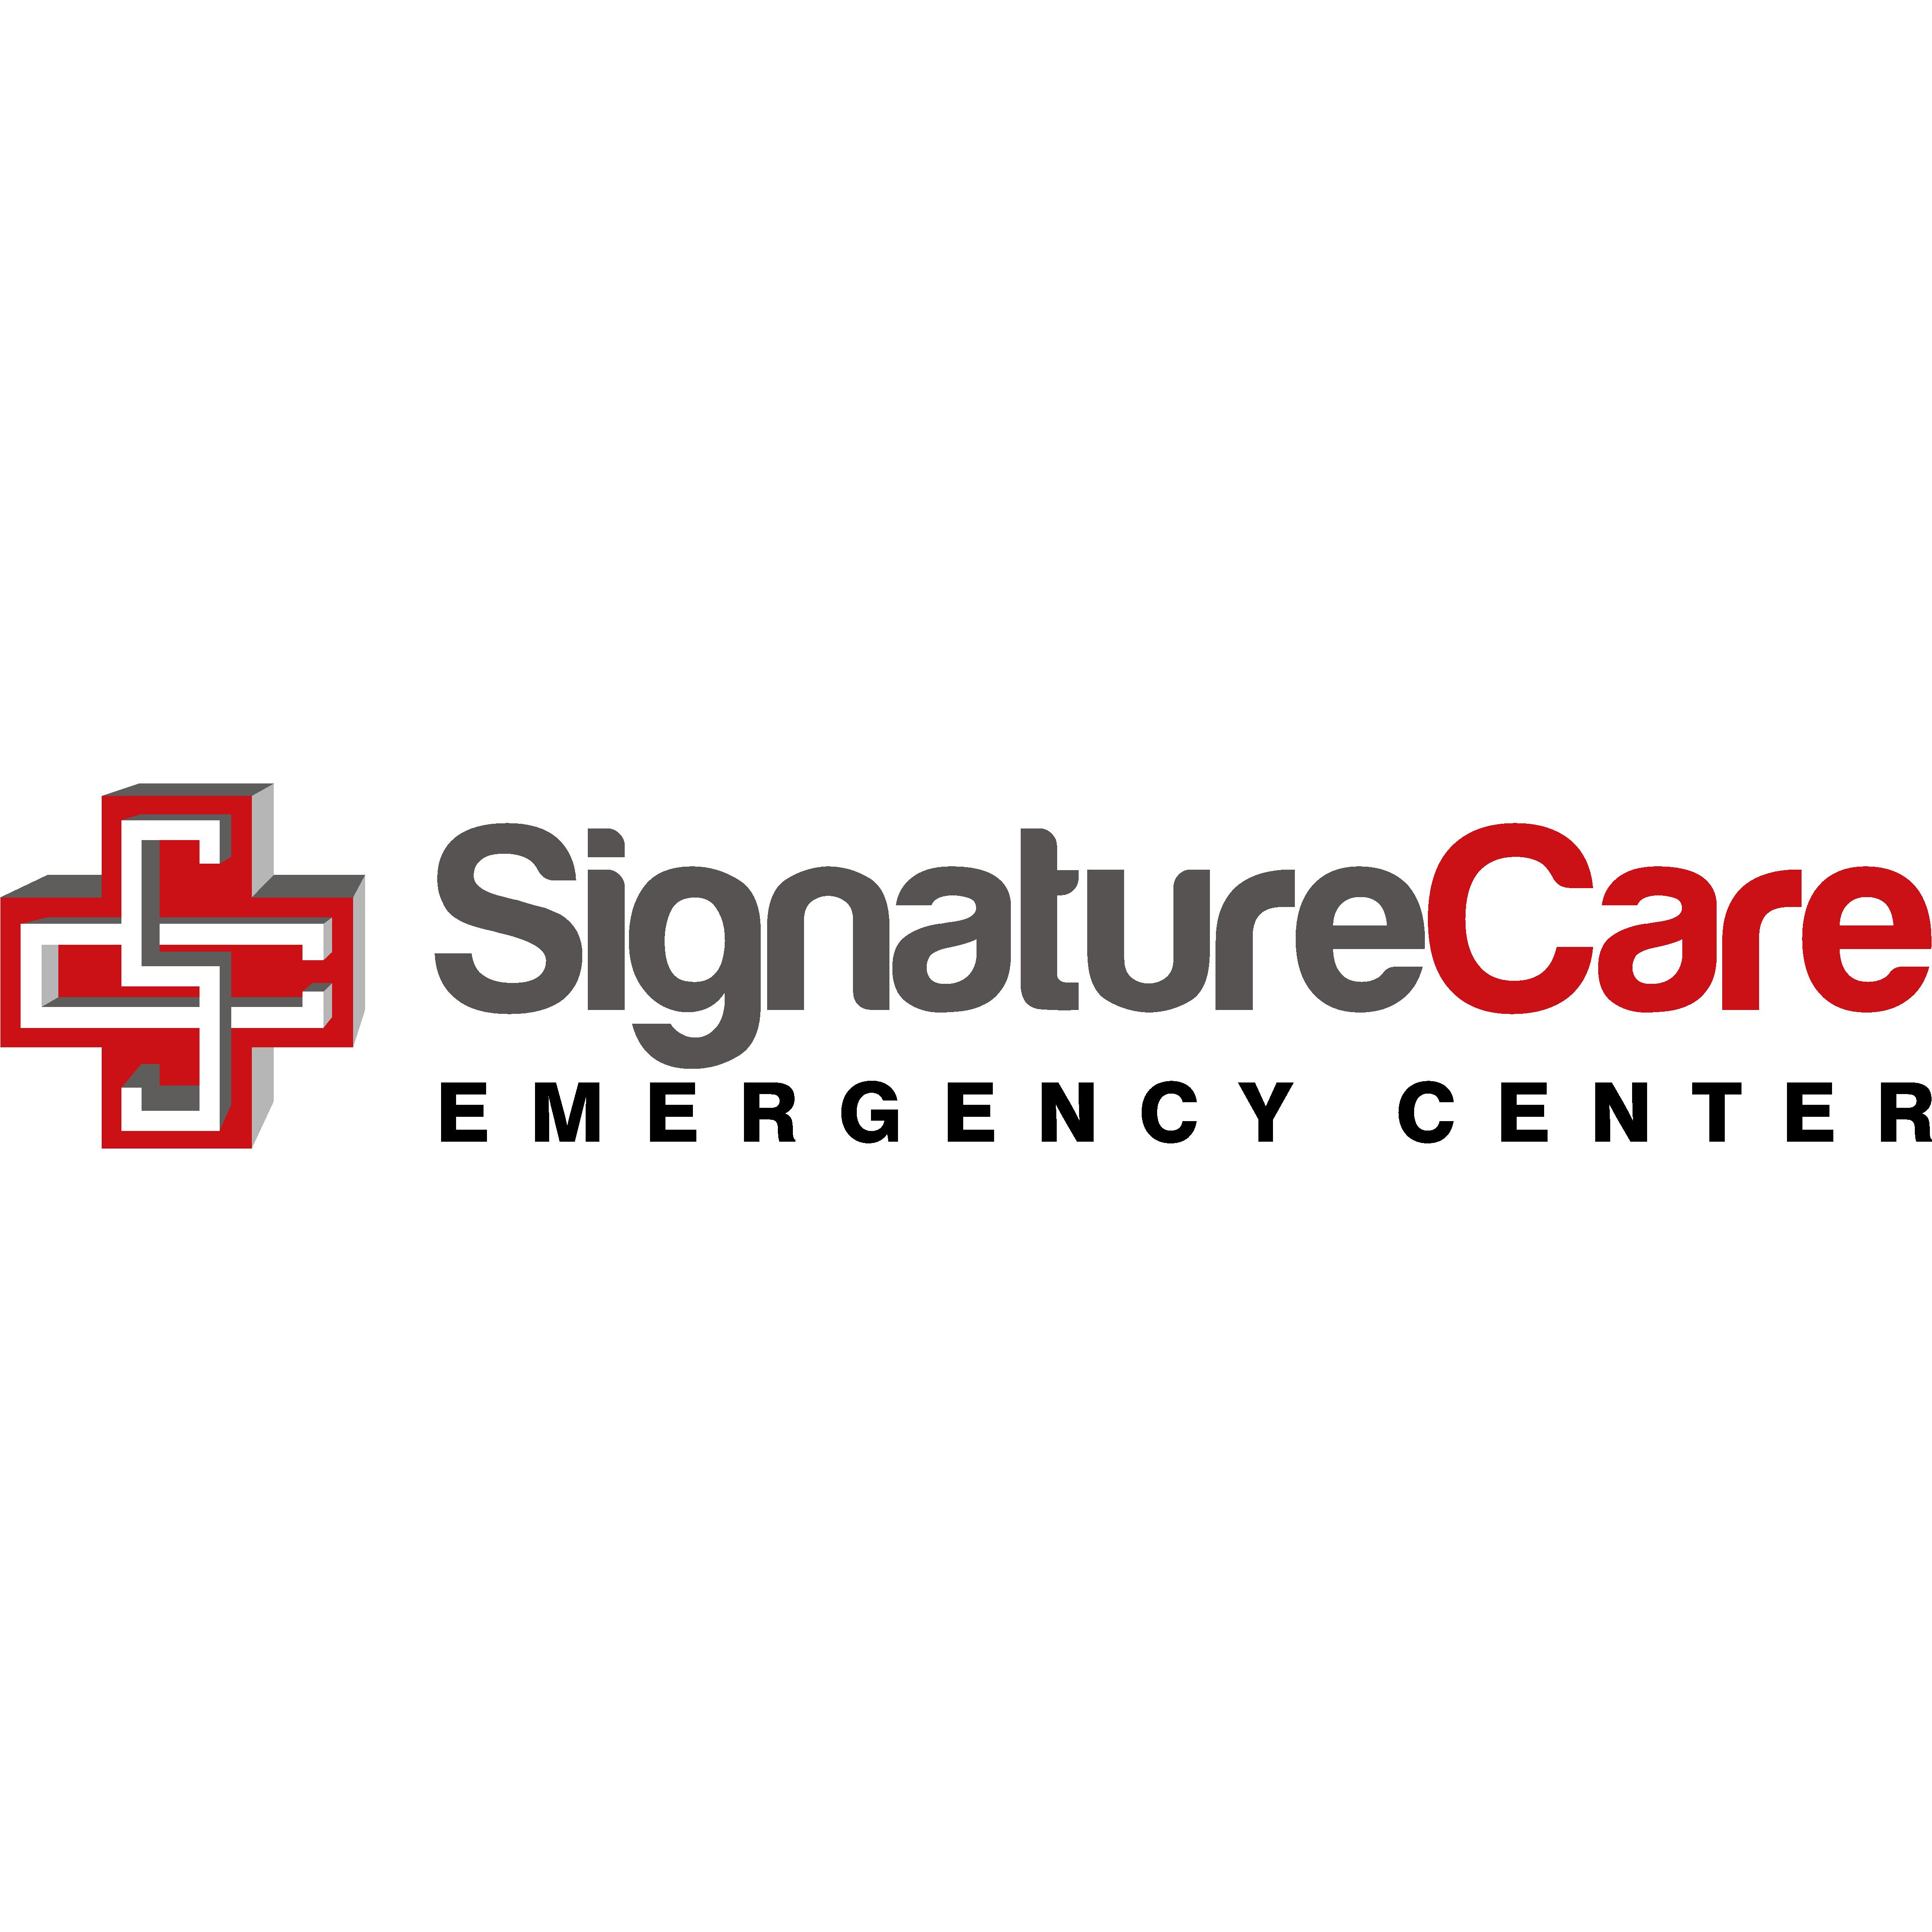 SignatureCare Emergency Center- Westchase